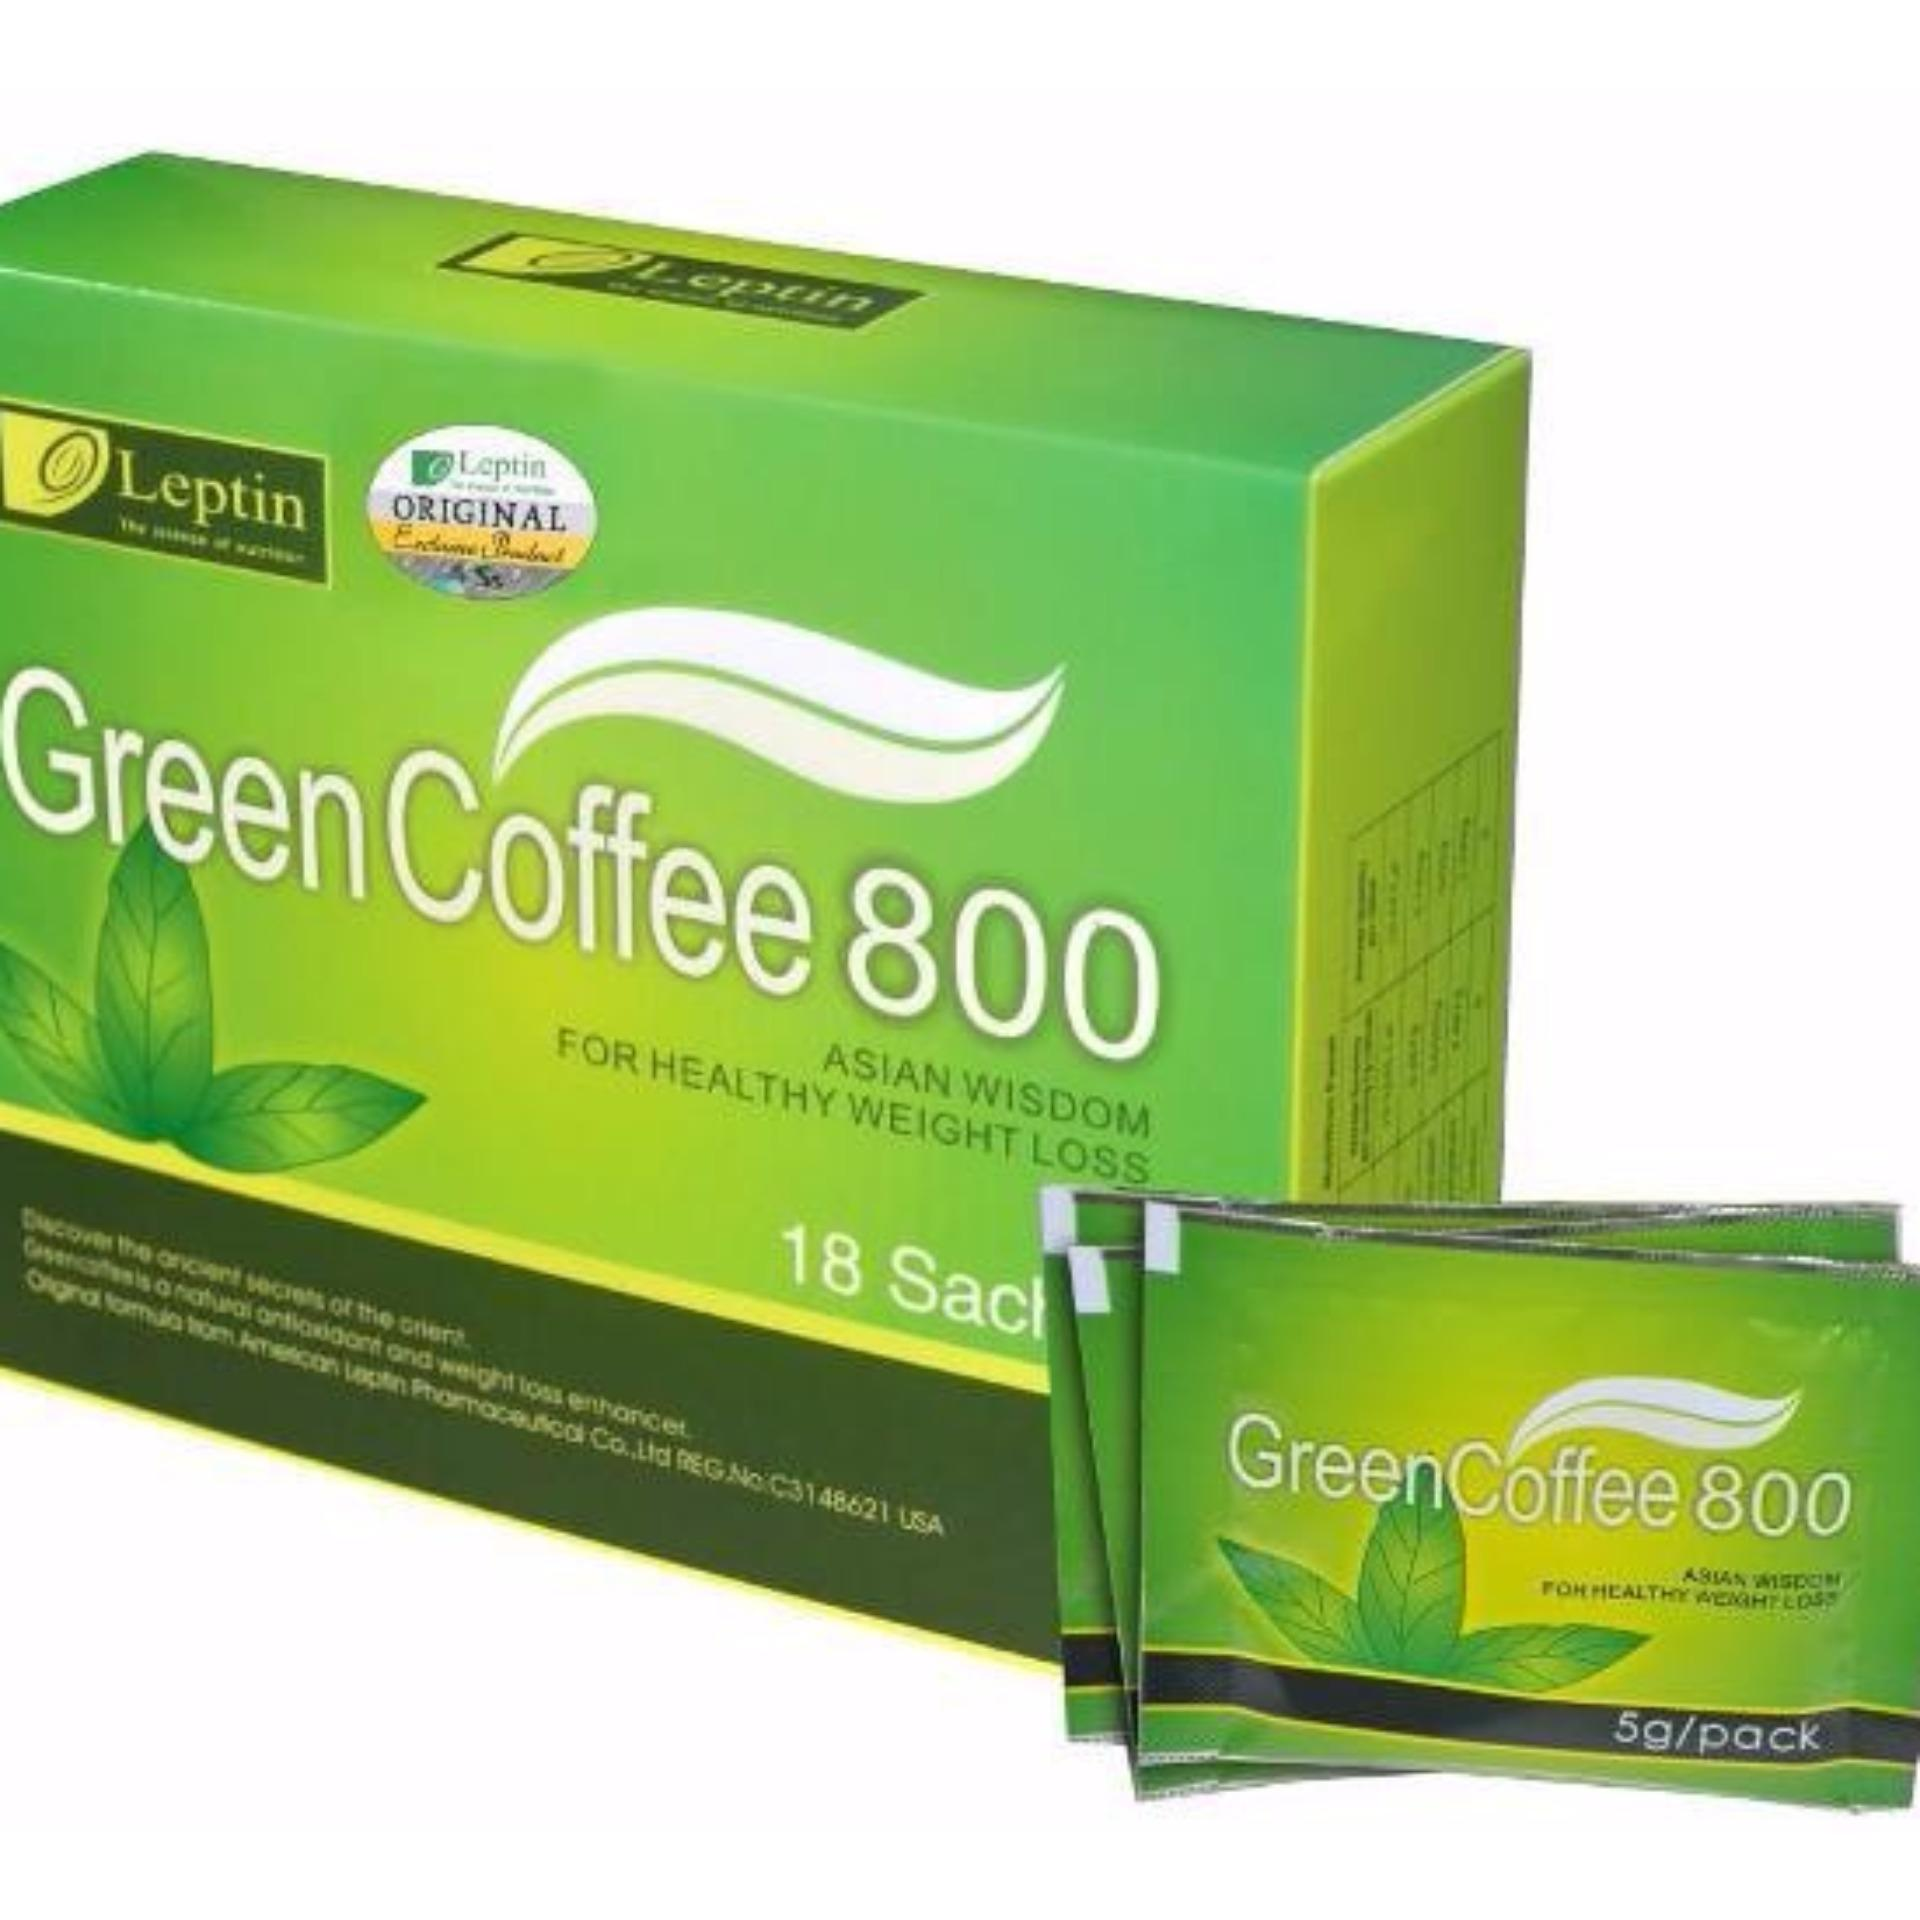 Cafe xanh giảm cân, tan mỡ bụng mỡ đùi GREEN COFFEE 800 Mỹ